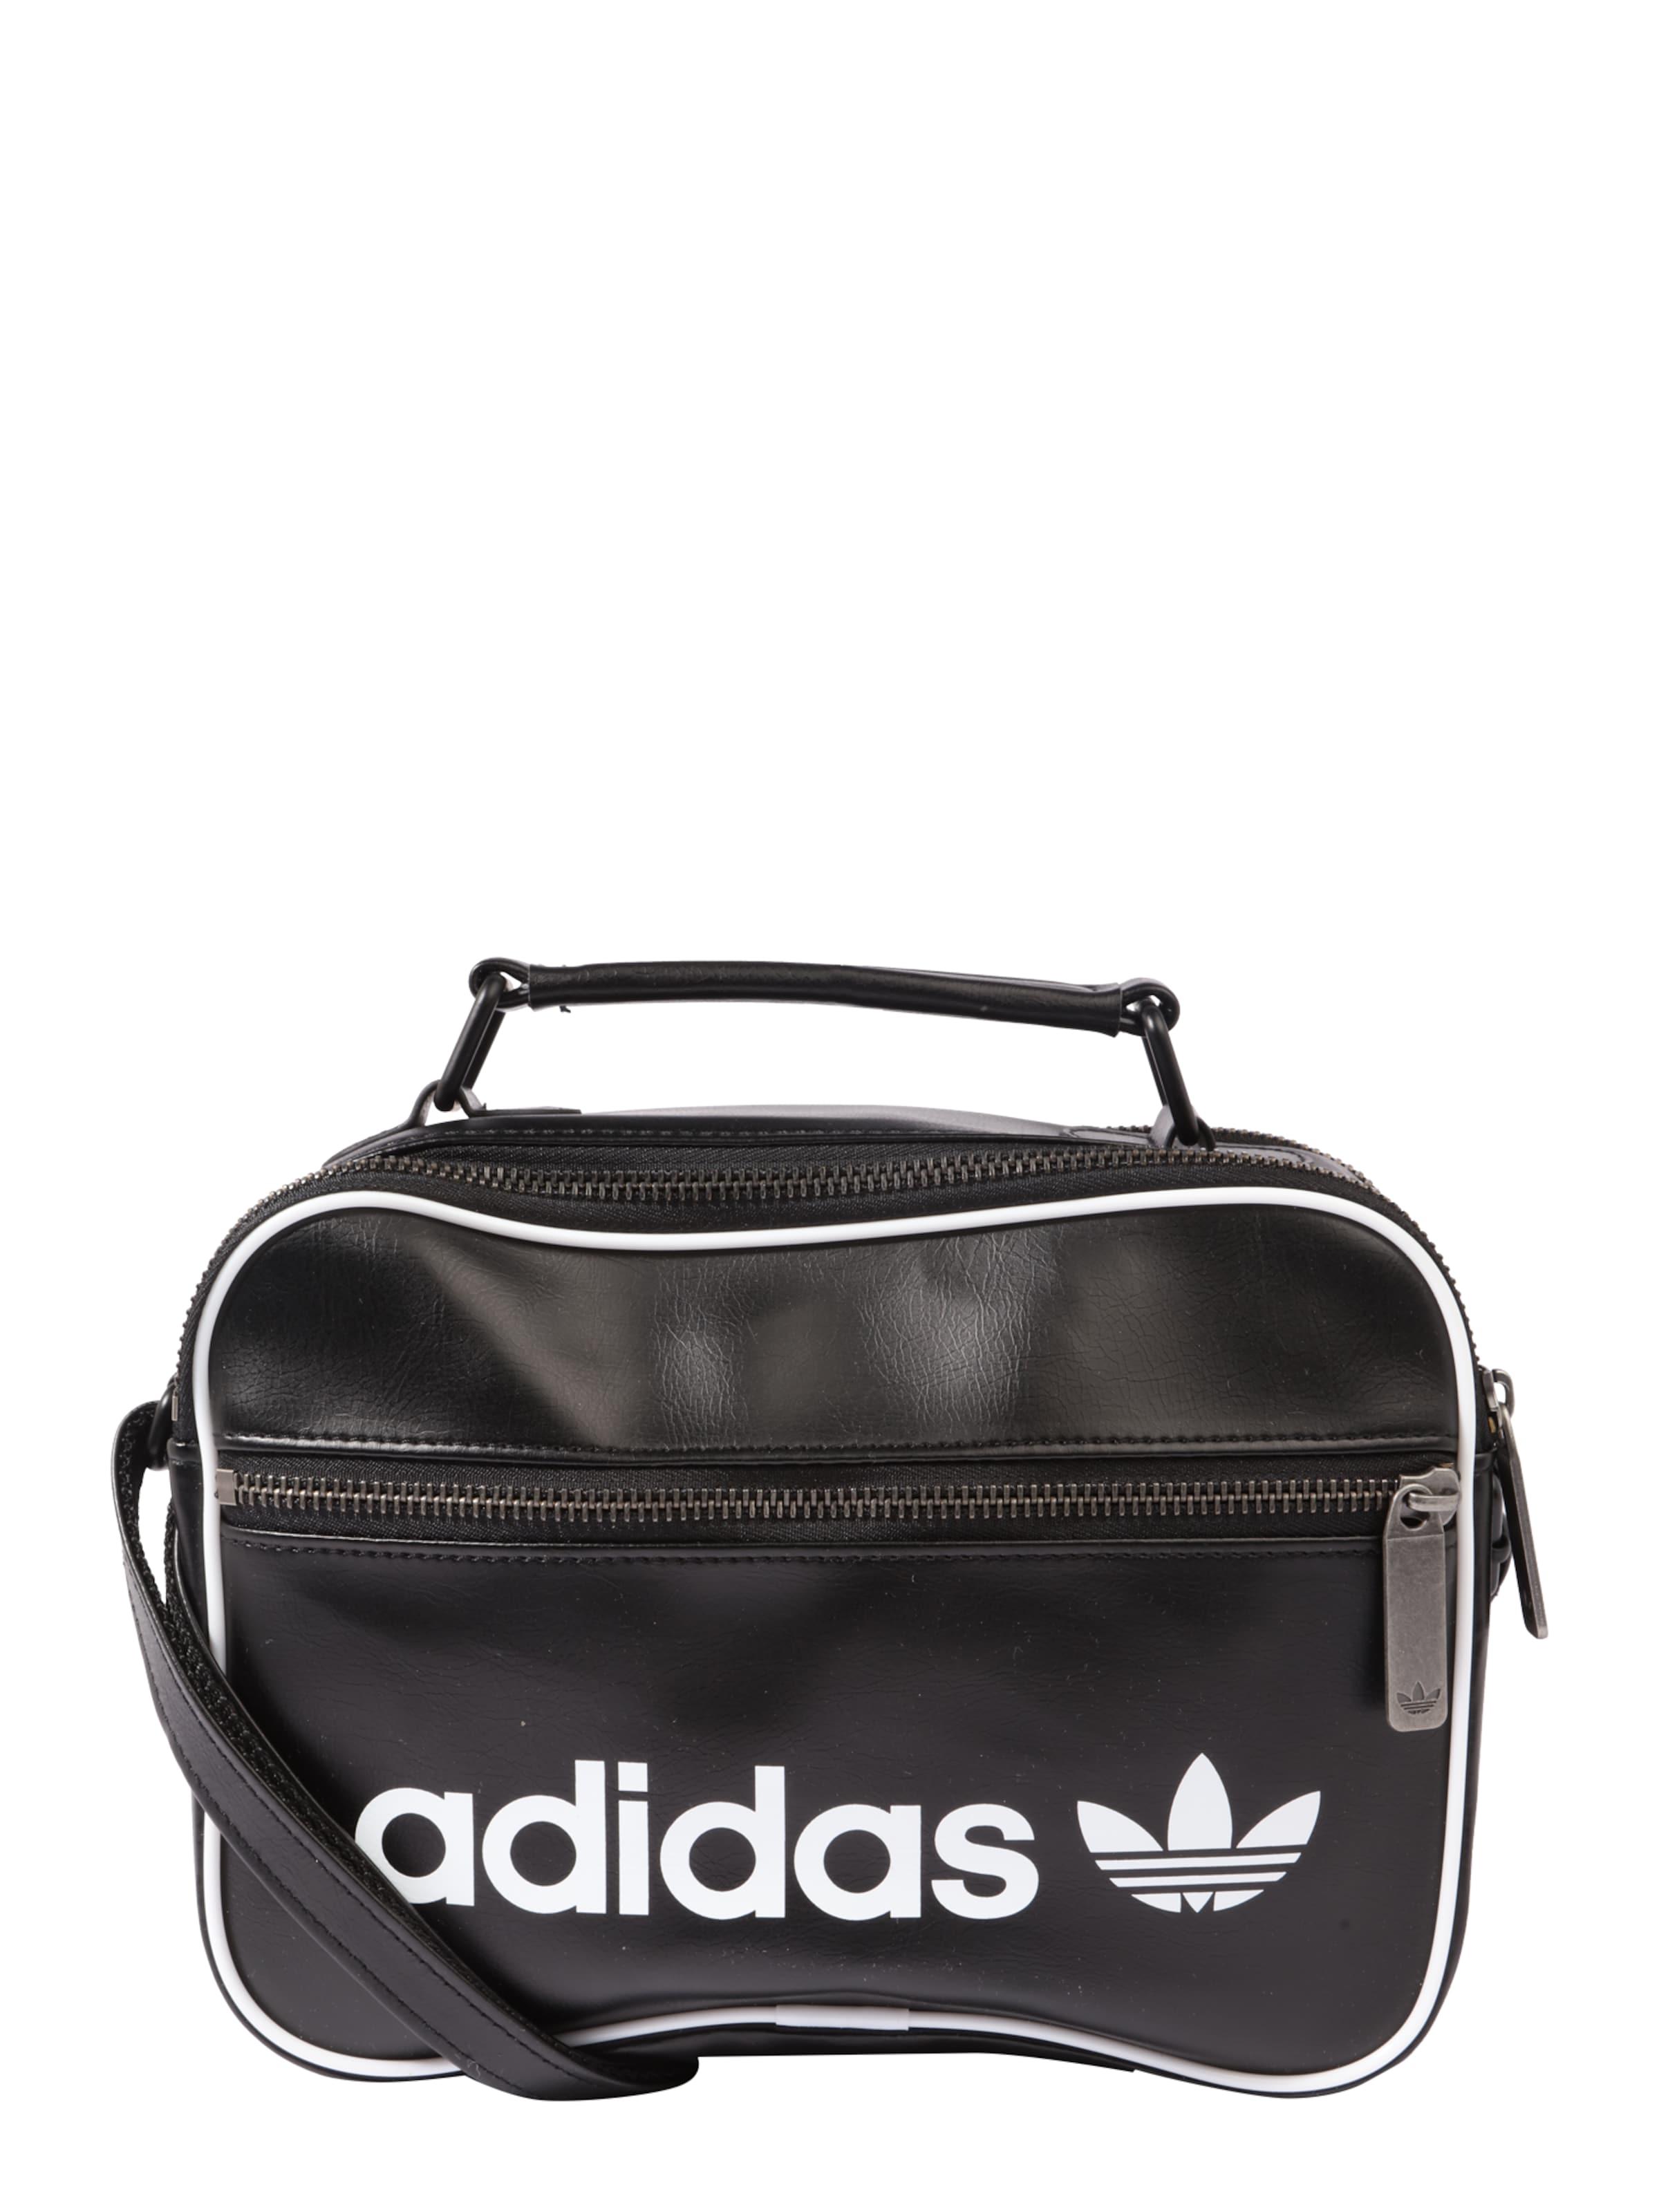 Originaux Adidas Épaule Noir « Mini Avion De Ligne » e4Yk5dQ6aM